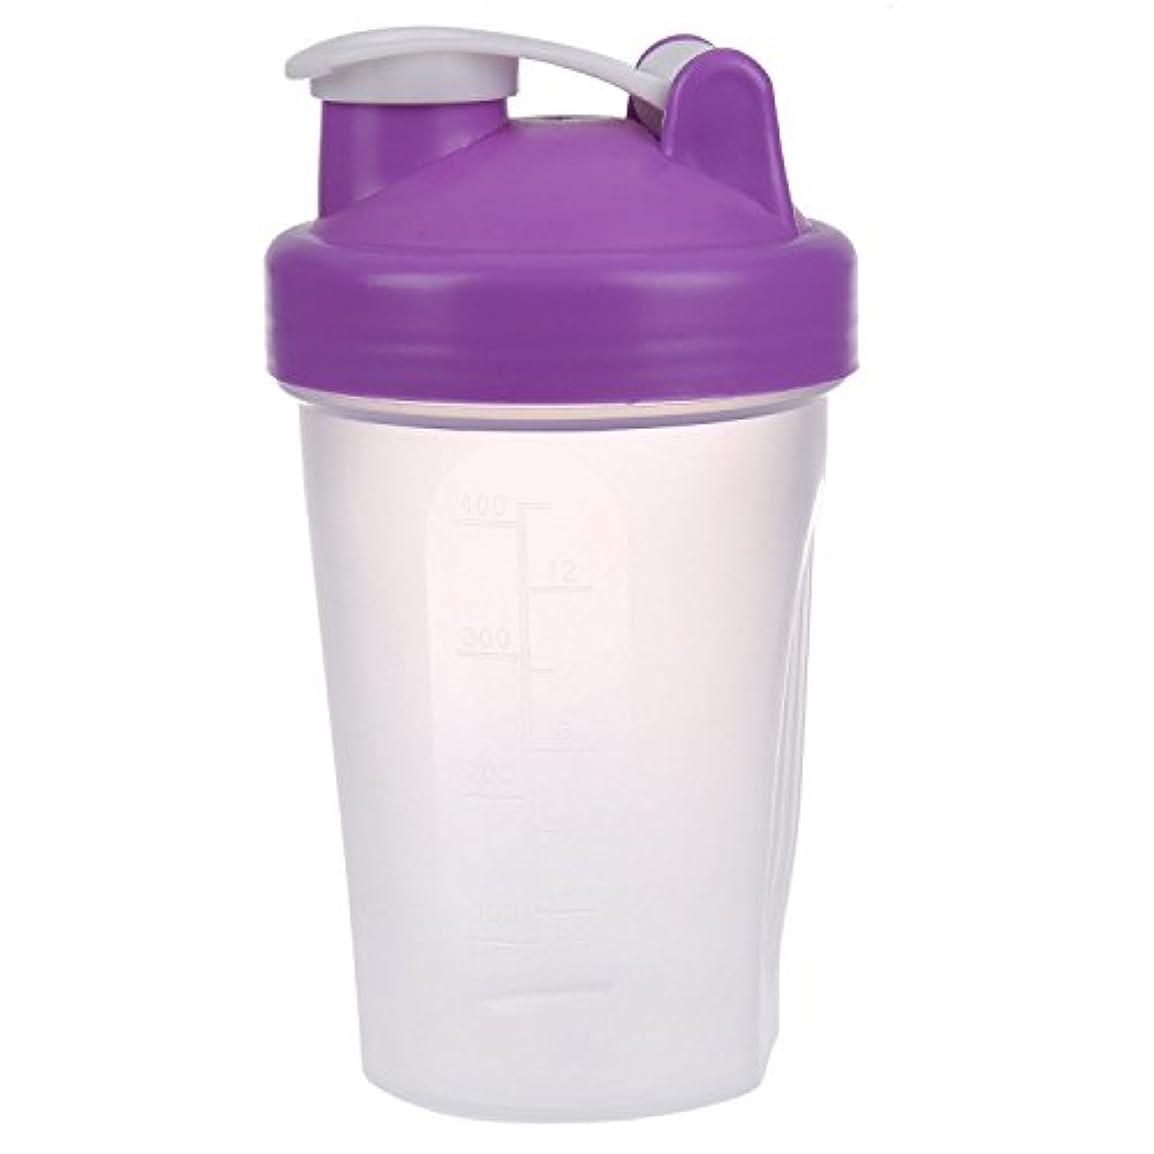 バンドルとても多くの紛争TOOGOO スマートシェイク ジムプロテインシェーカー ミキサーカップミキサーボトル 紫